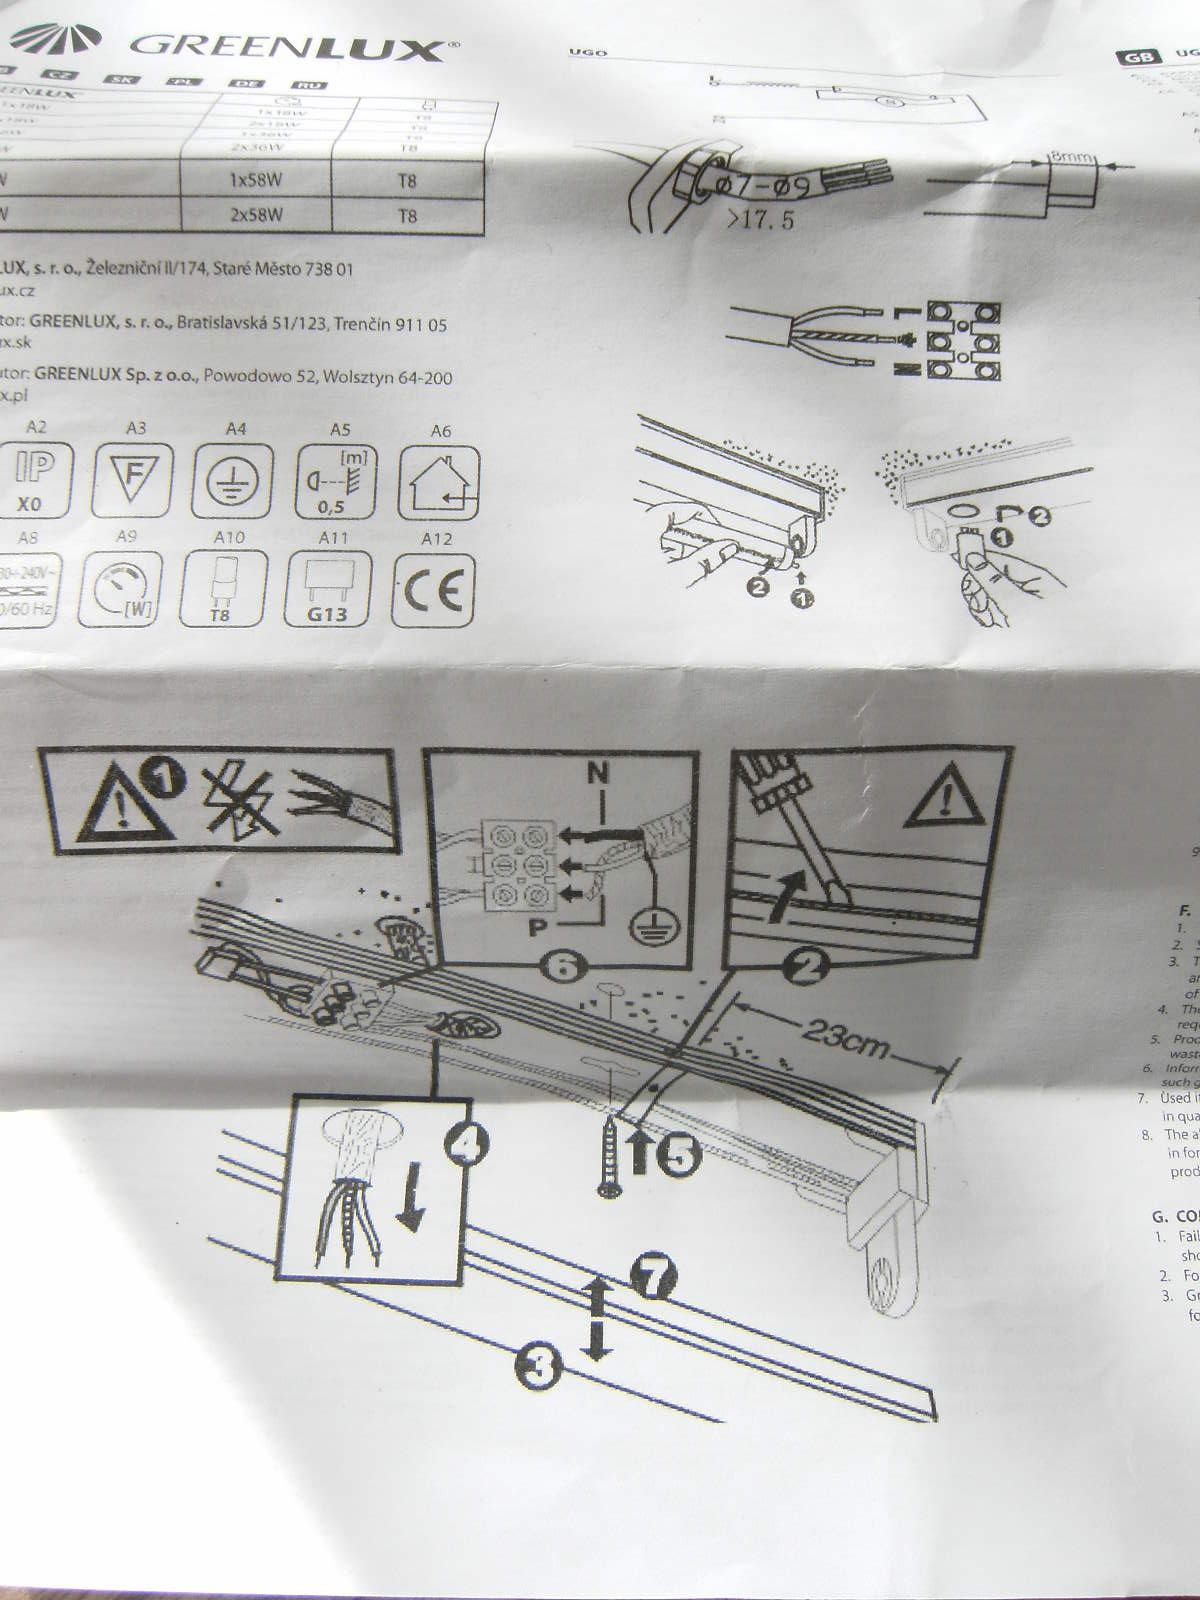 Lichtleiste anschließen (Elektronik, Strom, Kabel)